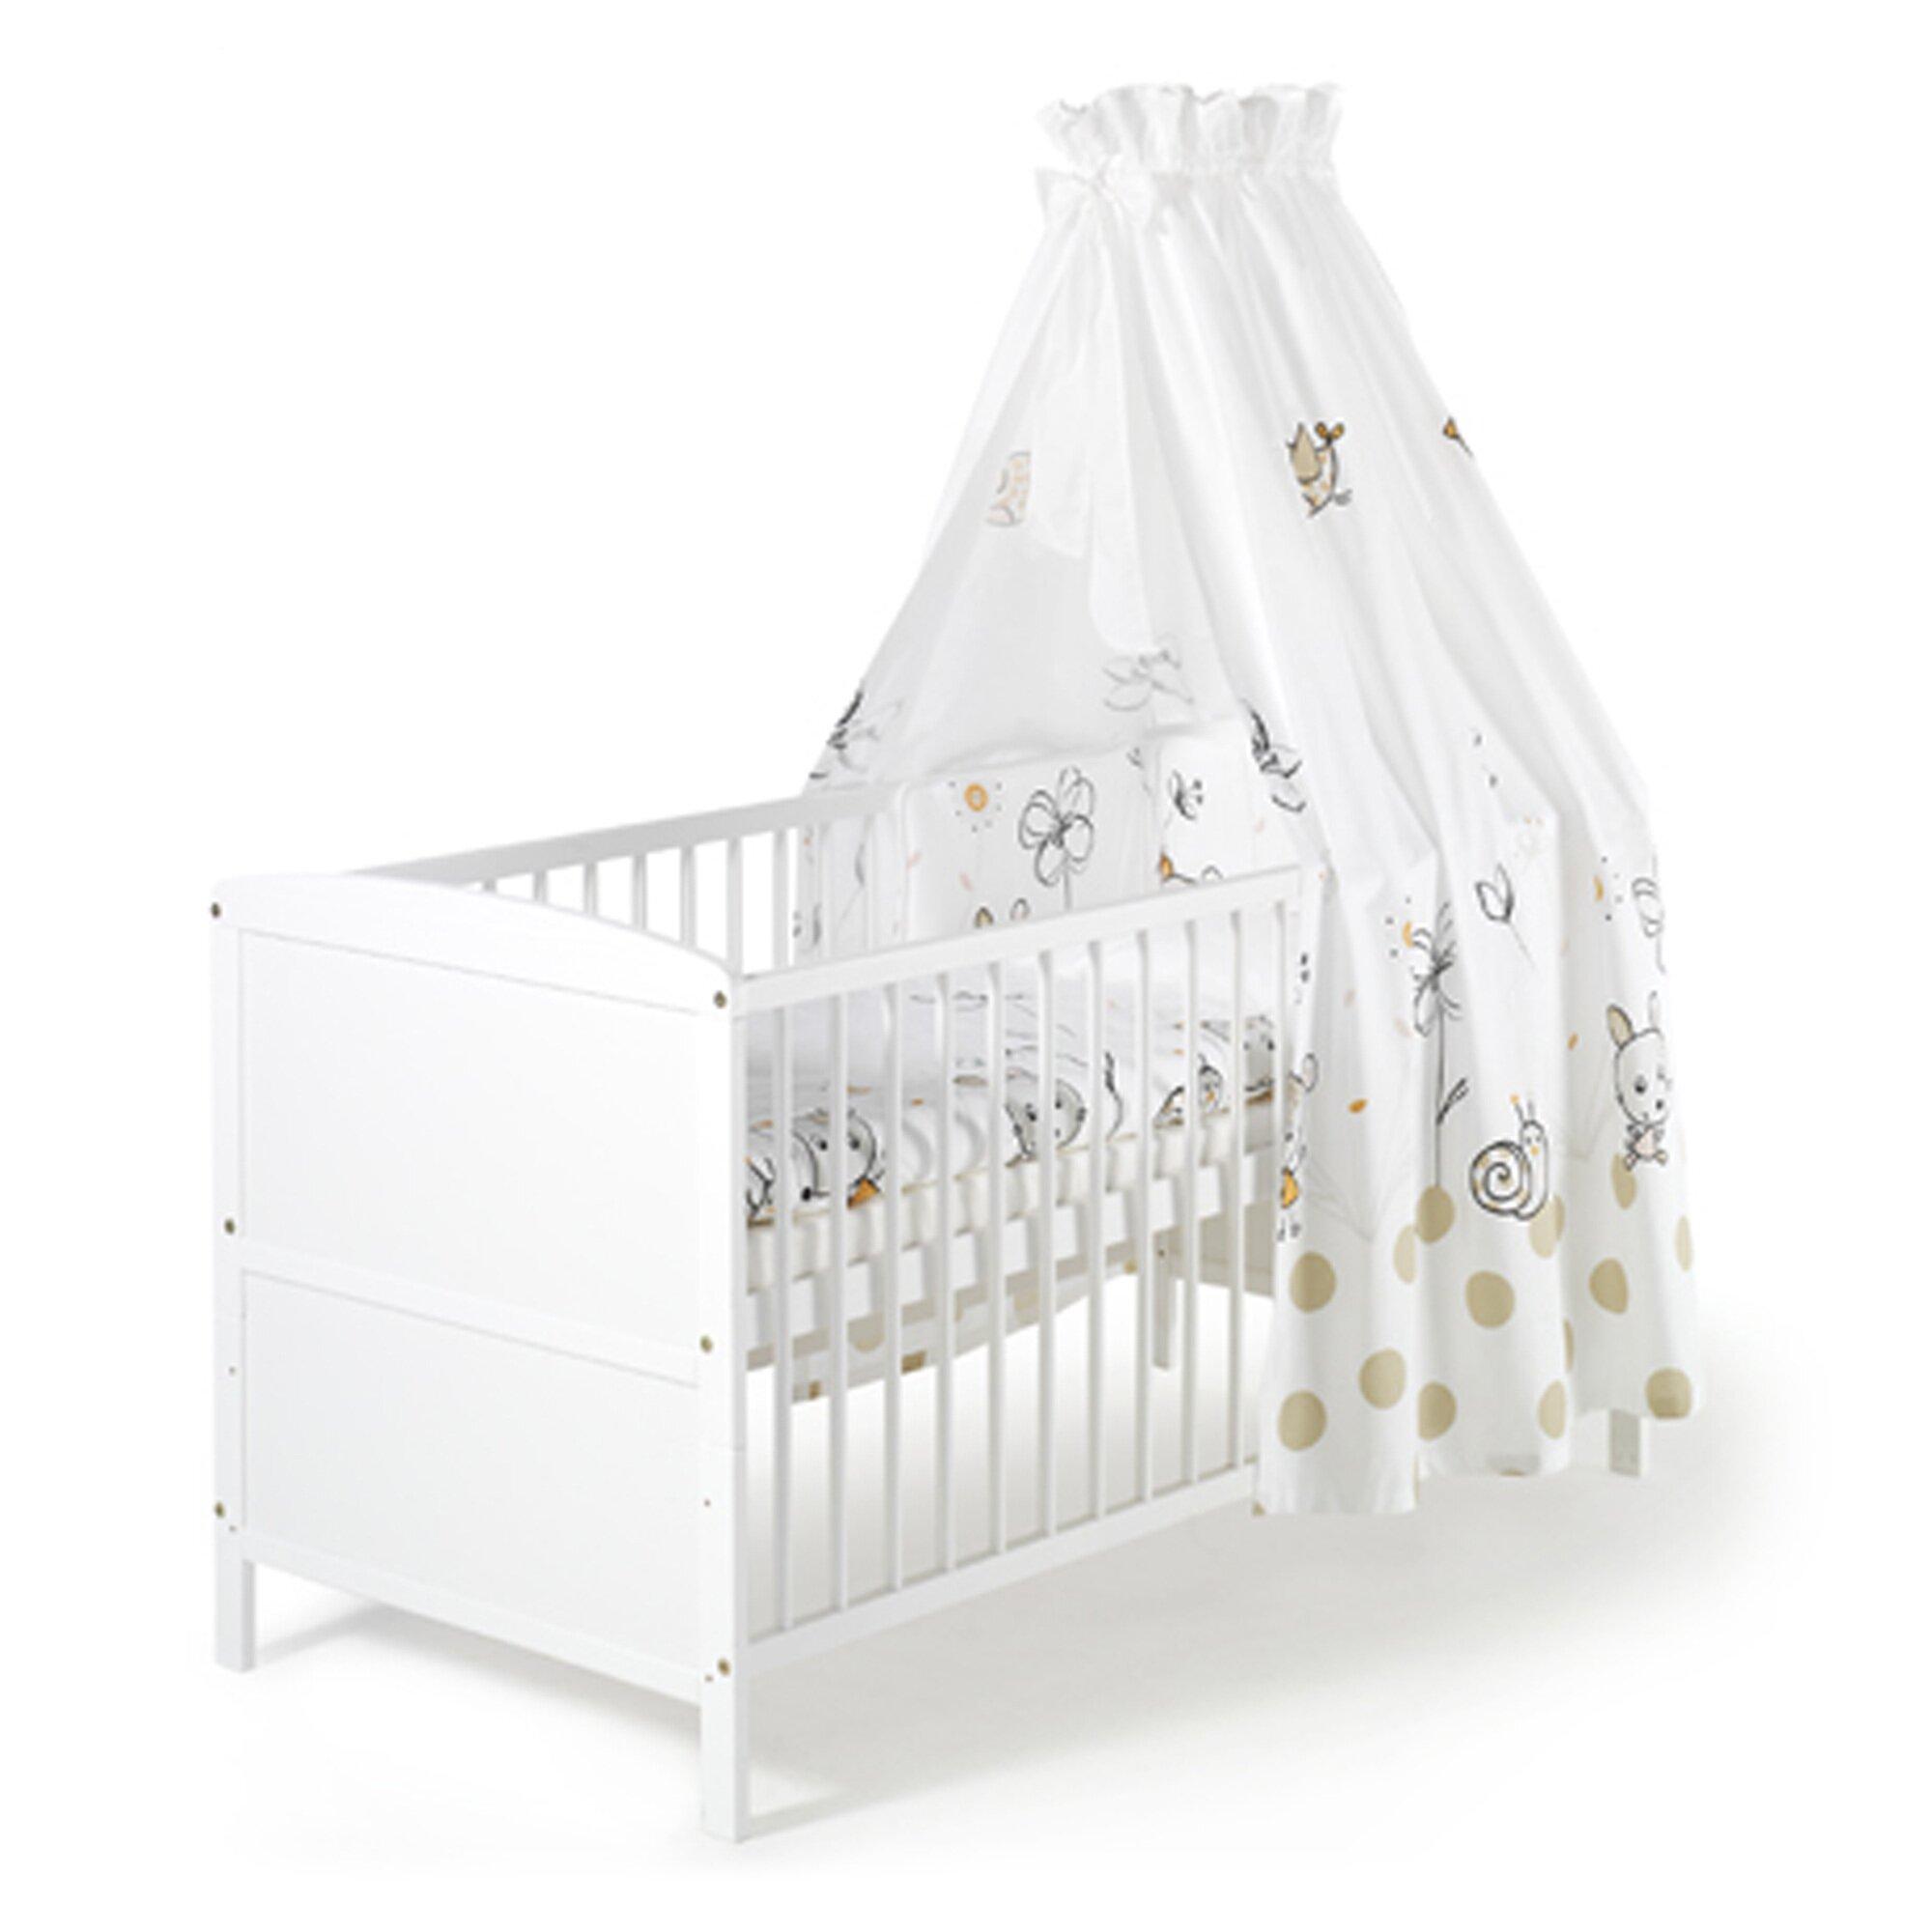 Schardt Babybett mit Ausstattung Conny 70x140 cm